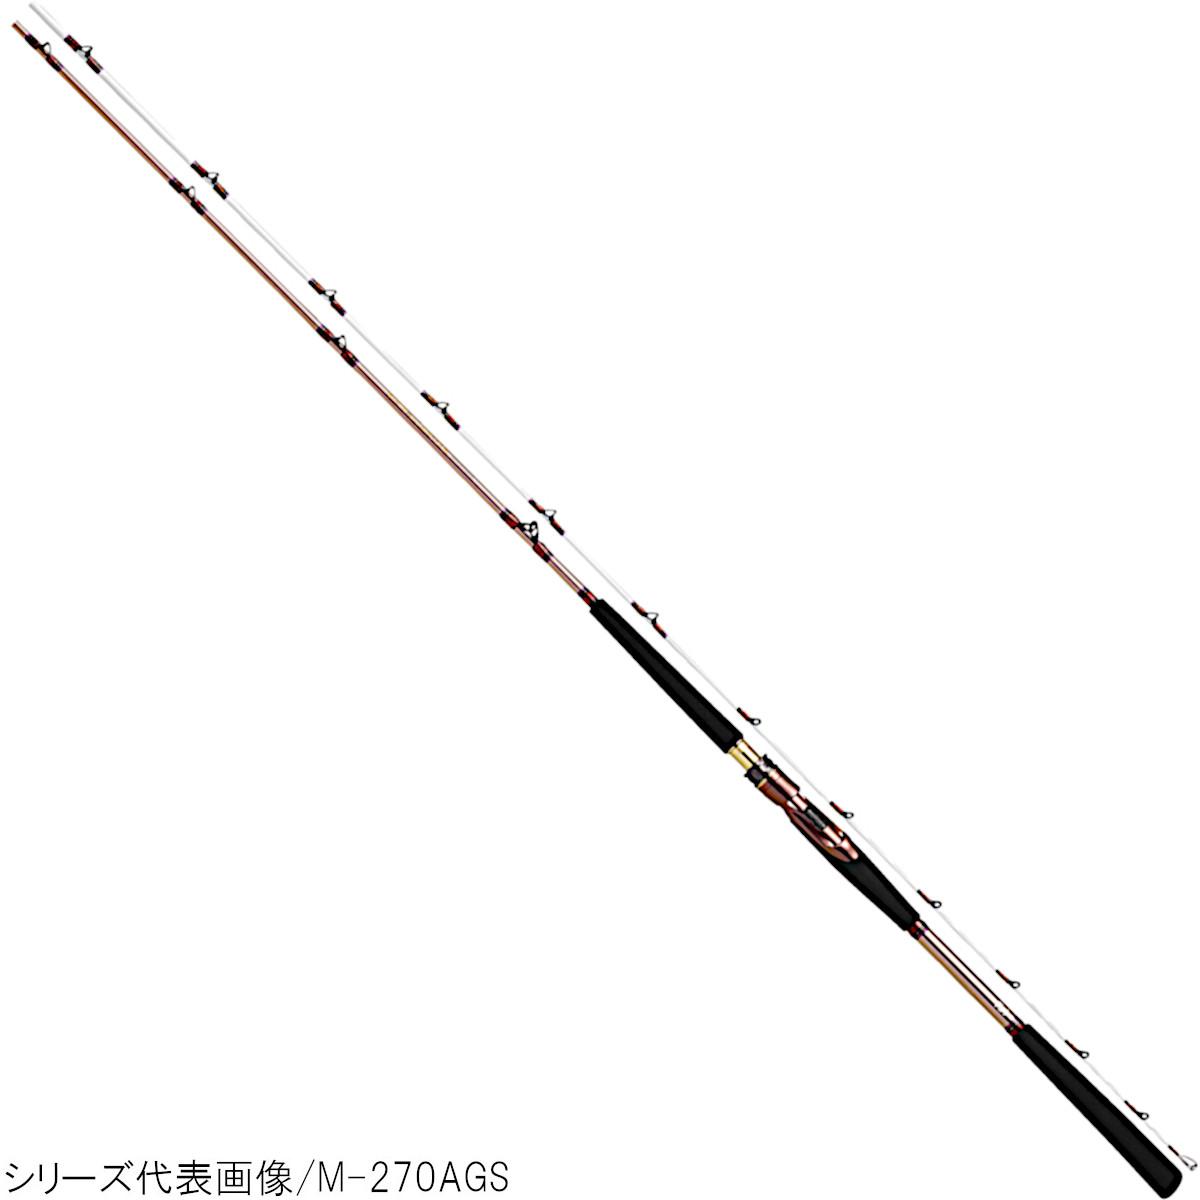 リーオマスター真鯛AIR S-270AGS ダイワ【大型商品】【同梱不可】